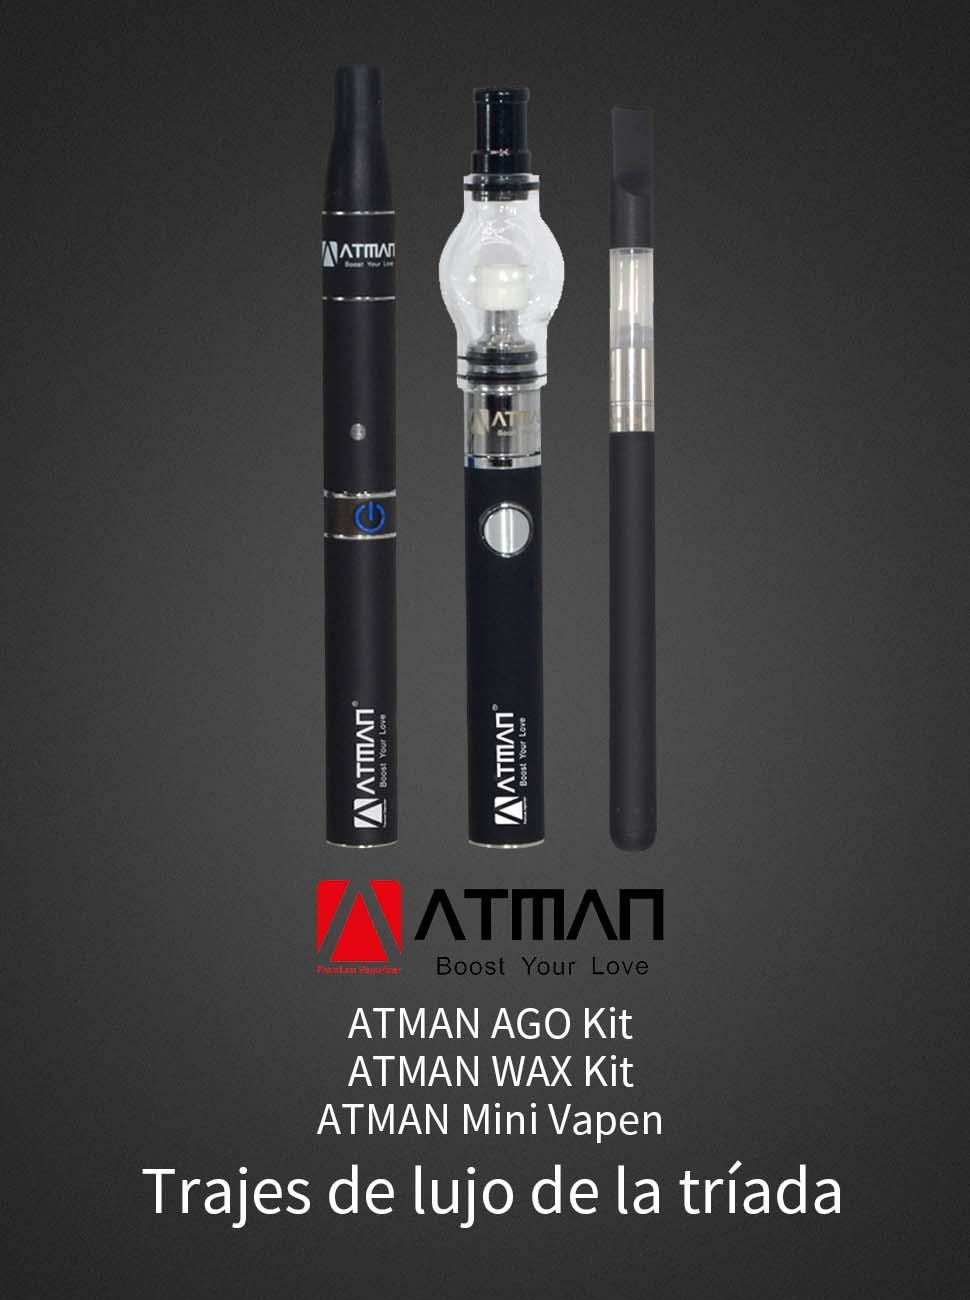 Atman luxury 3-en-1 vaporizador Kit El kit de vapor Atman 3 en 1 de lujo recoge tres bolígrafos básicos para hierba seca y concentrado.